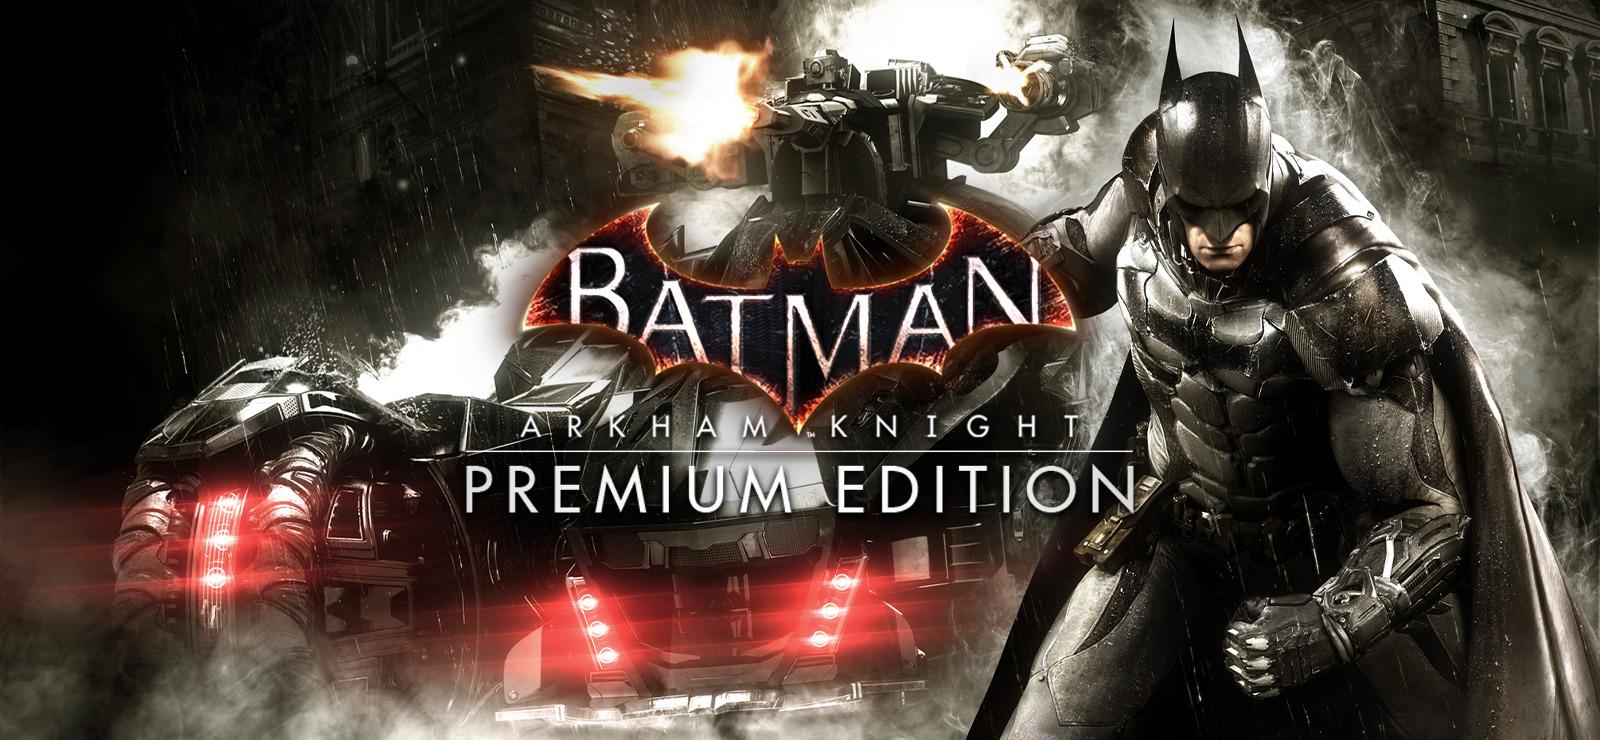 Batman Arkham Night Premium Edition